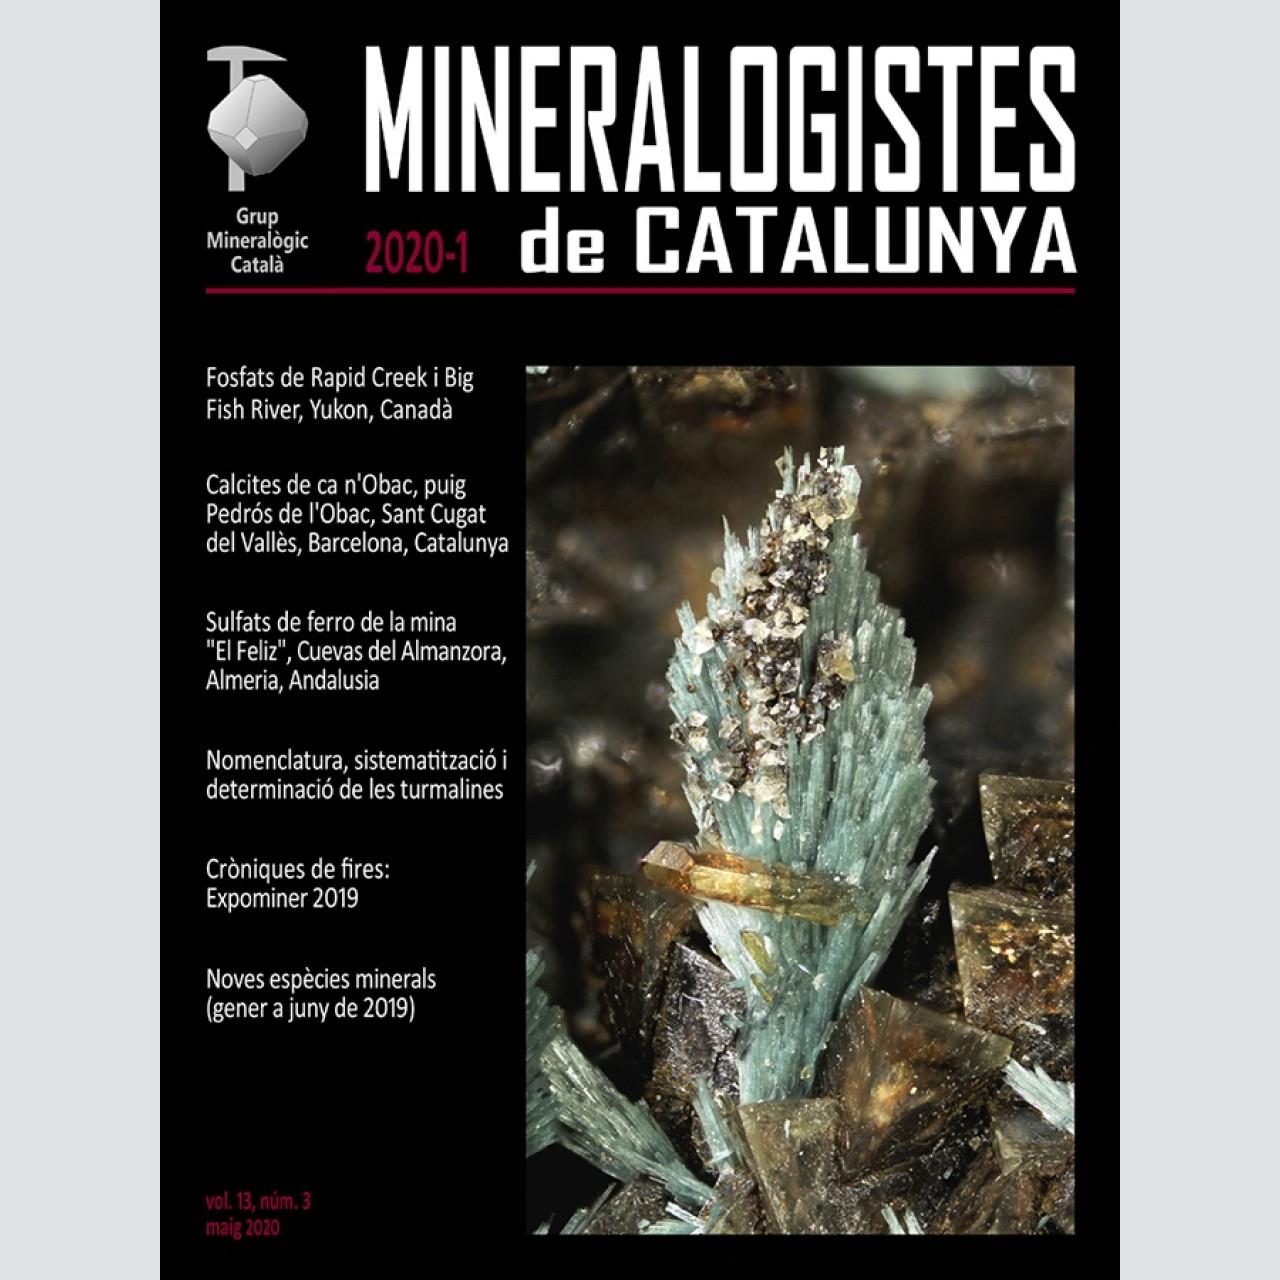 <em>Mineralogistes de Catalunya</em> (2020-1)